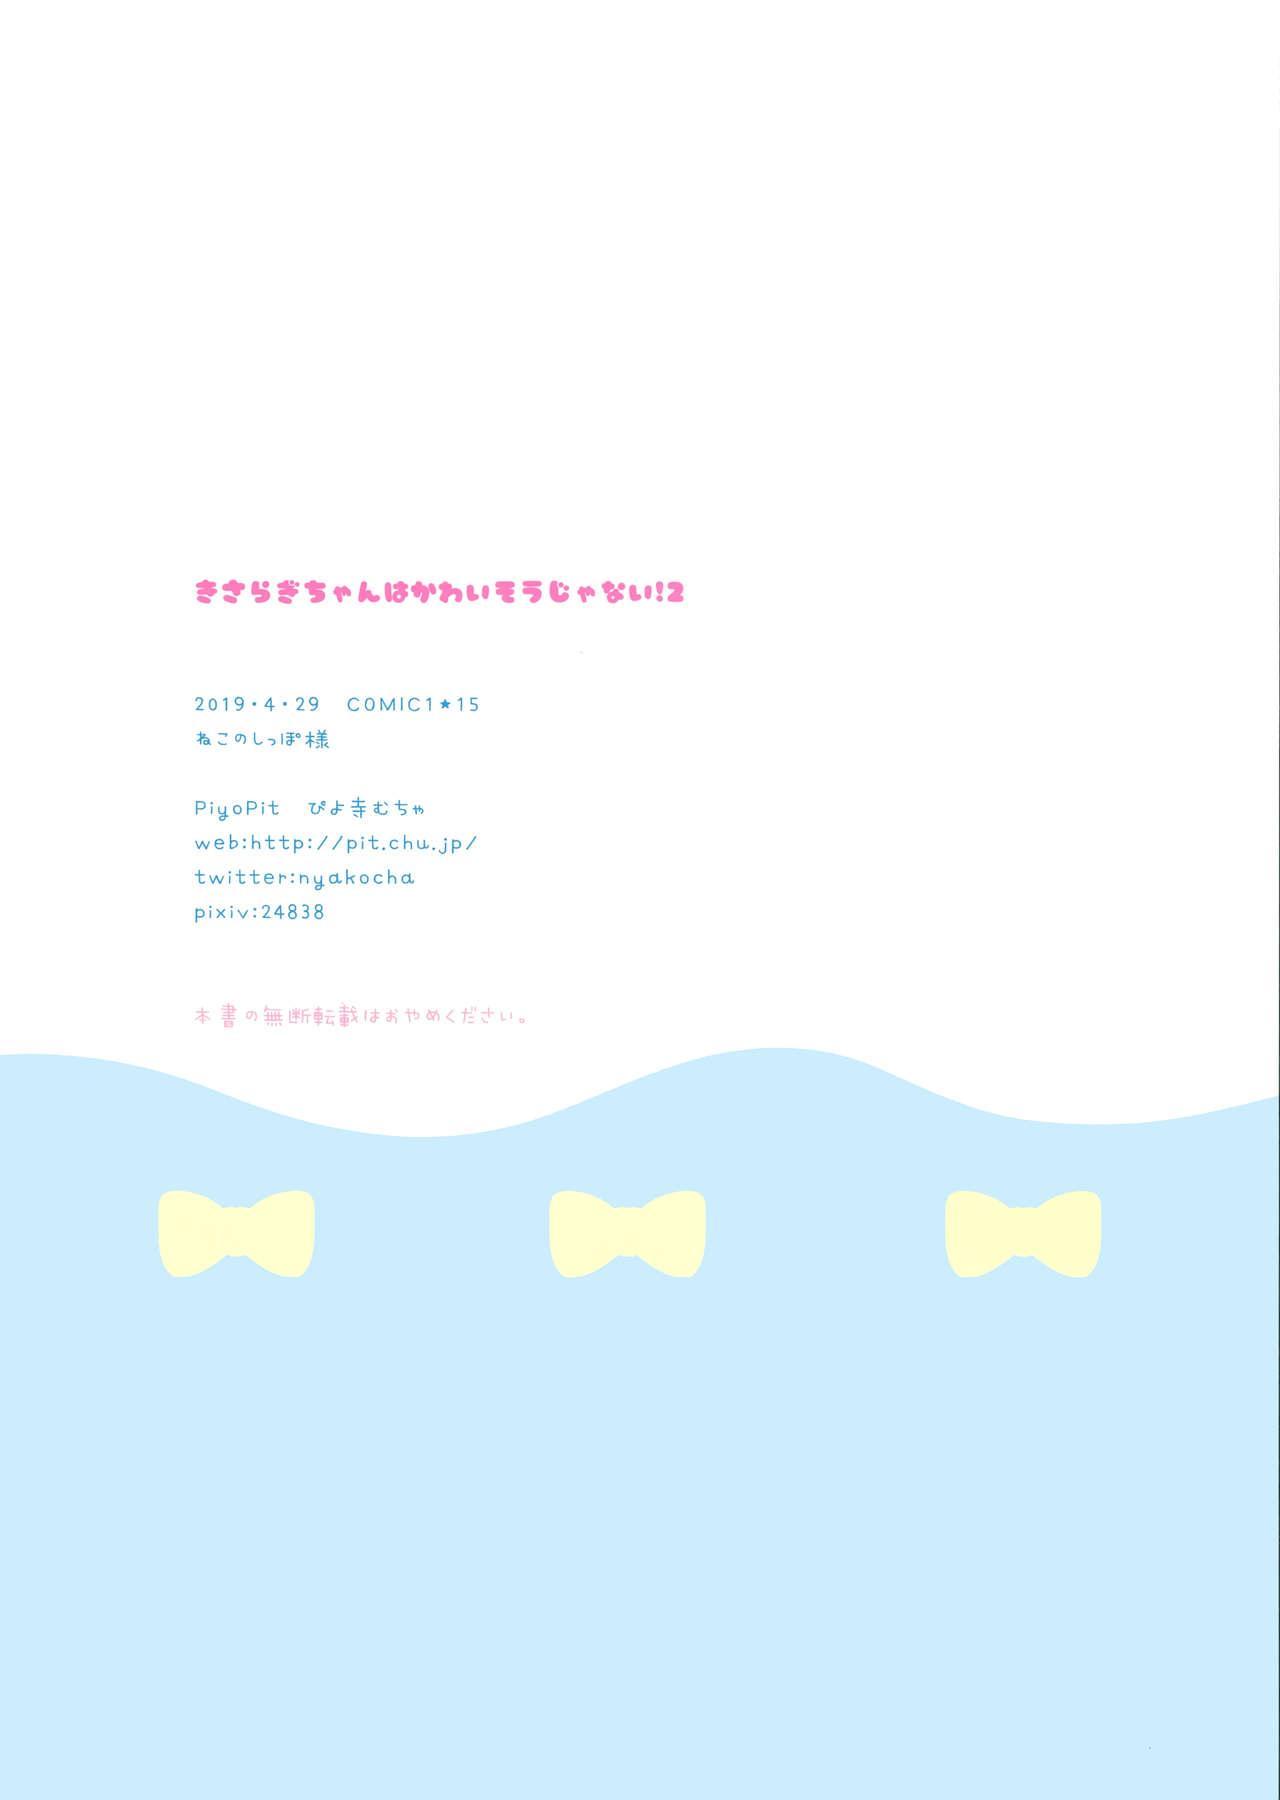 (COMIC1☆15) [PiyoPit (Piyodera Mucha)] ] Kisaragi-chan wa Kawaisou ja Nai!2 - Kisaragi-chan is not pitiful!2 (Azur Lane) [Chinese] [水寒汉化] 13